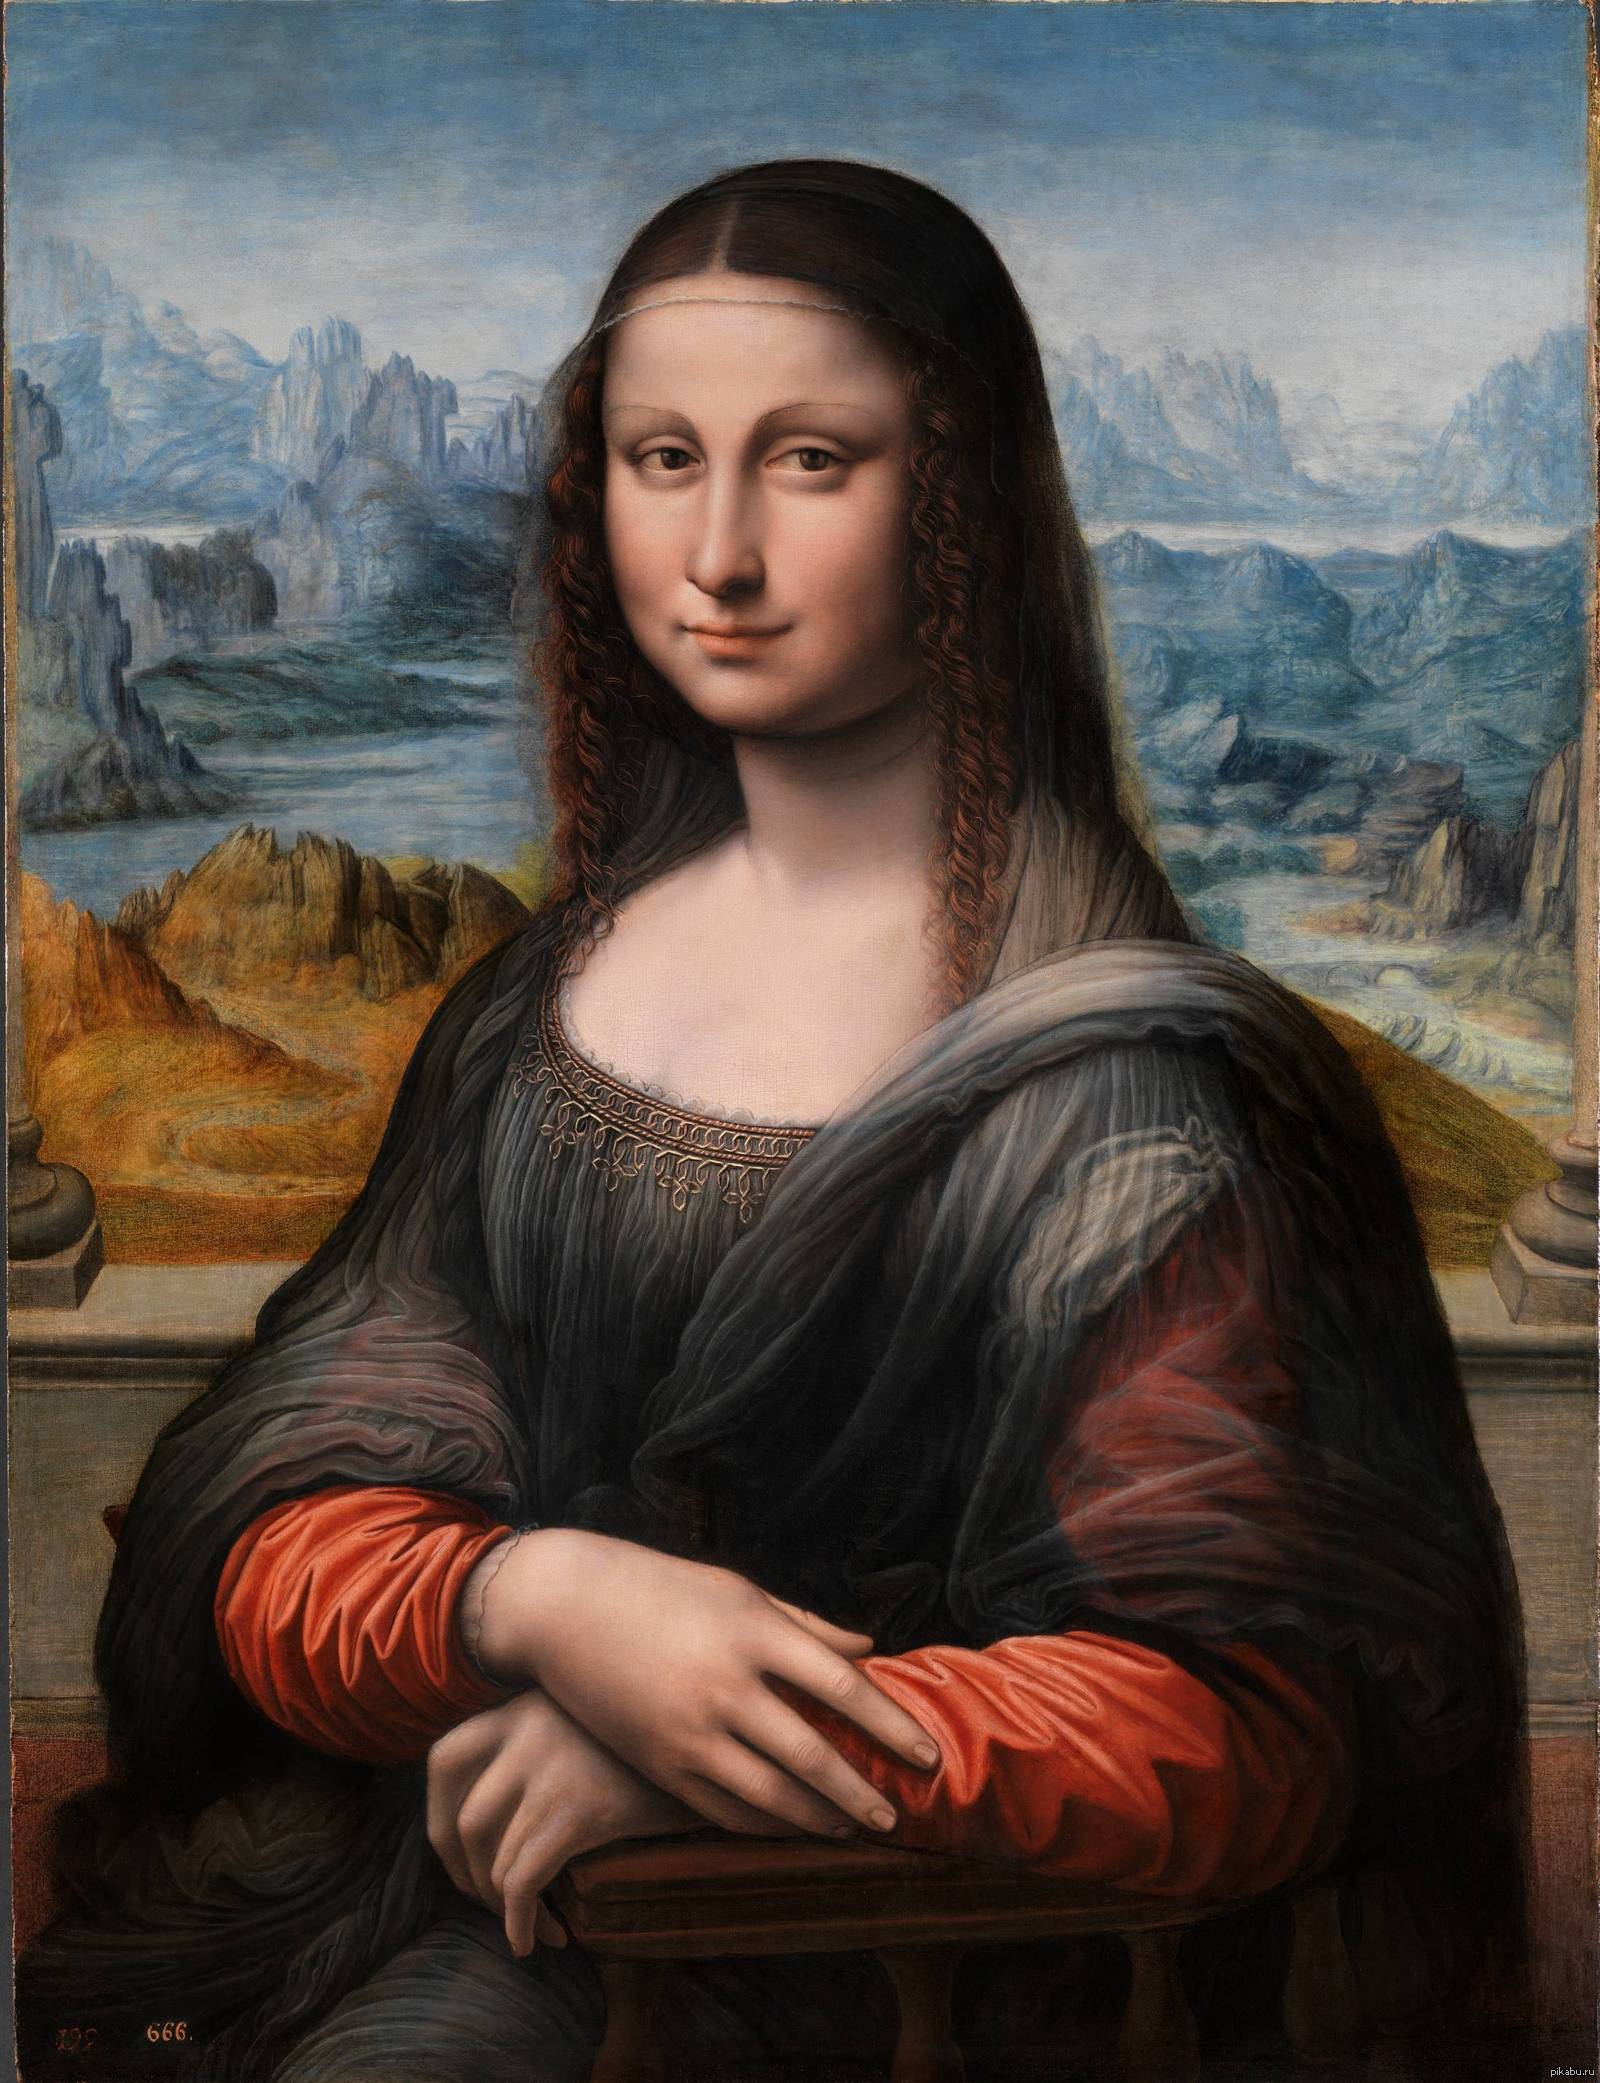 Мона Лиза по-дель-Прадо, как полагают эта картина была сделана учеником Леонардо да Винчи, в то же время, что и оригинал.   Пикабу